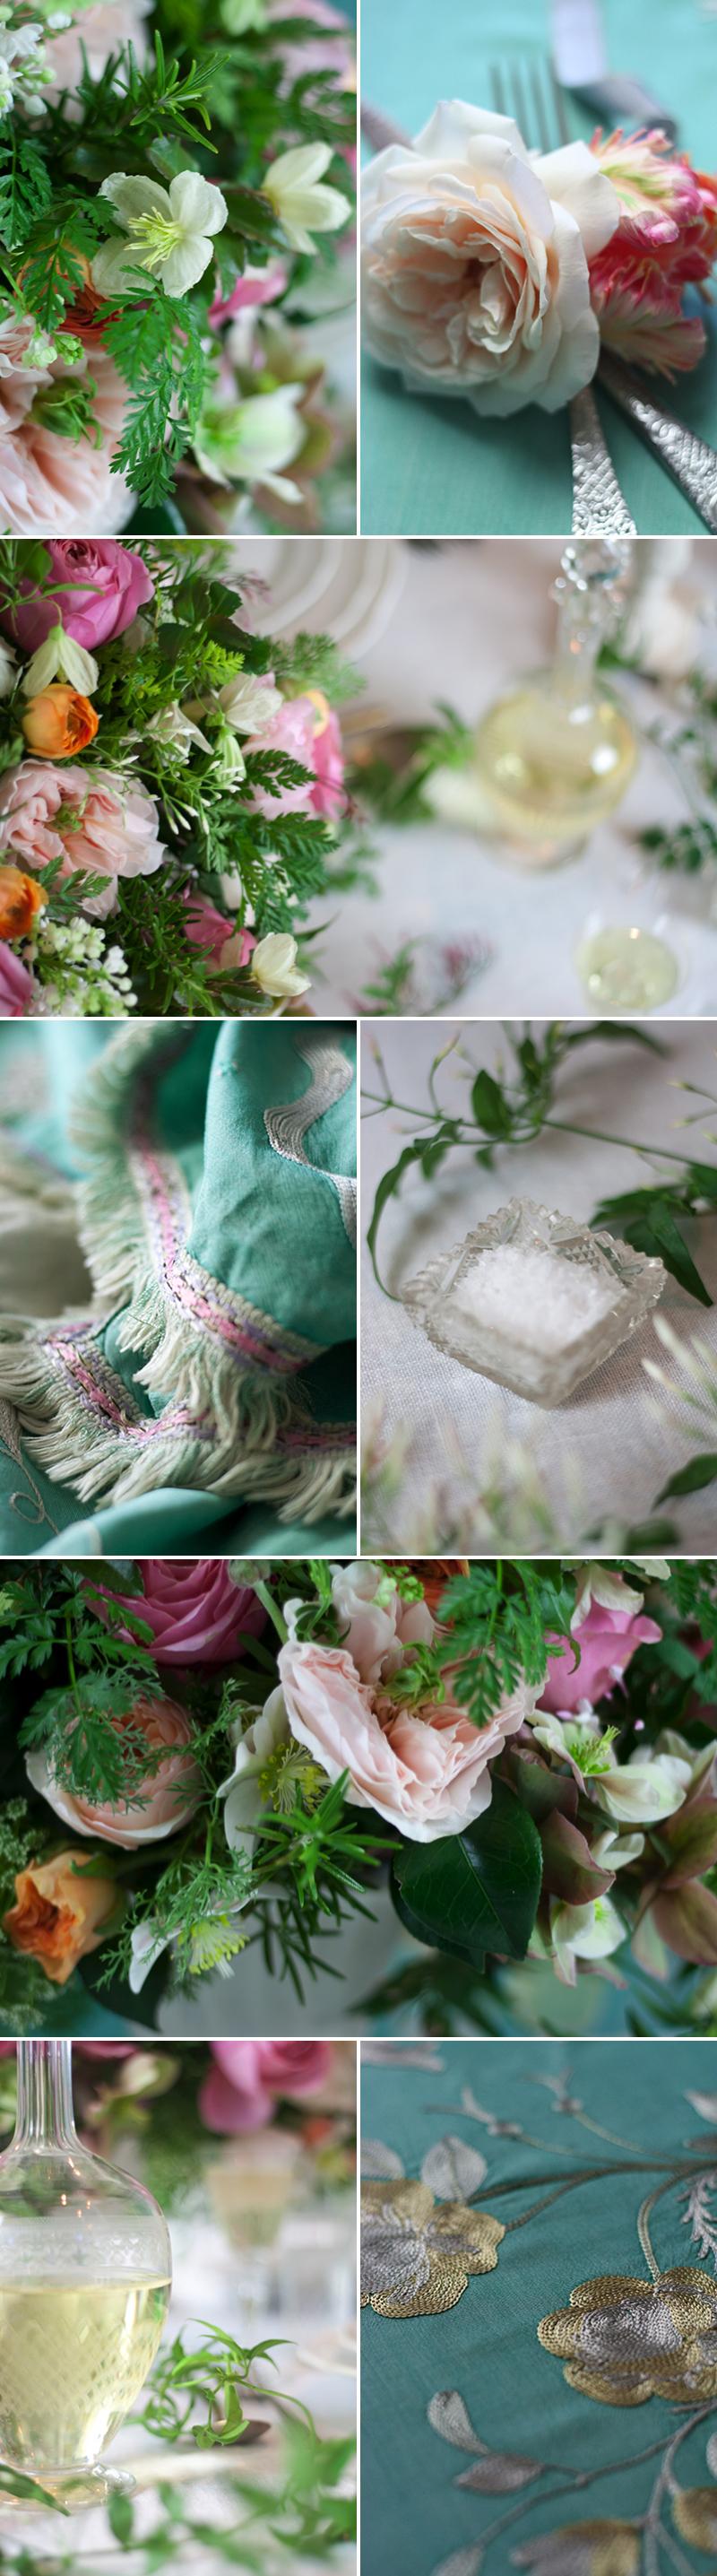 vintage-wedding-inspiration-coco-wedding-venues-1